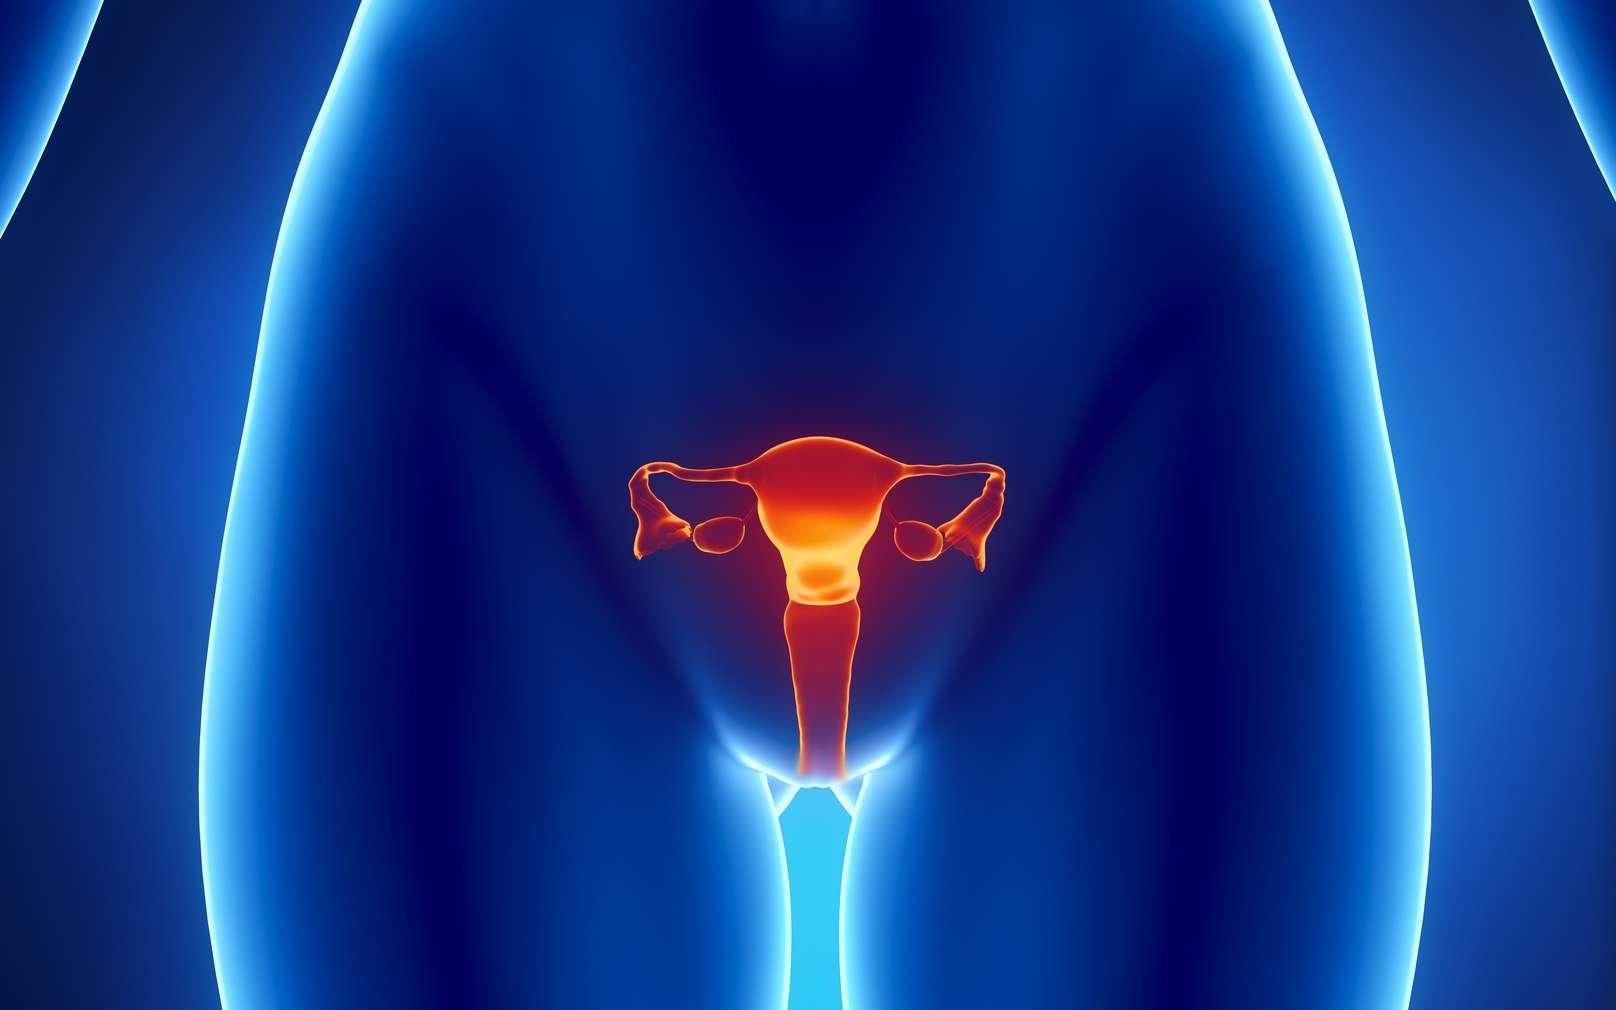 Le cancer de l'endomètre, ou cancer du corps de l'utérus, touche plutôt des femmes ménopausées. © CLIPAREA.com, Fotolia